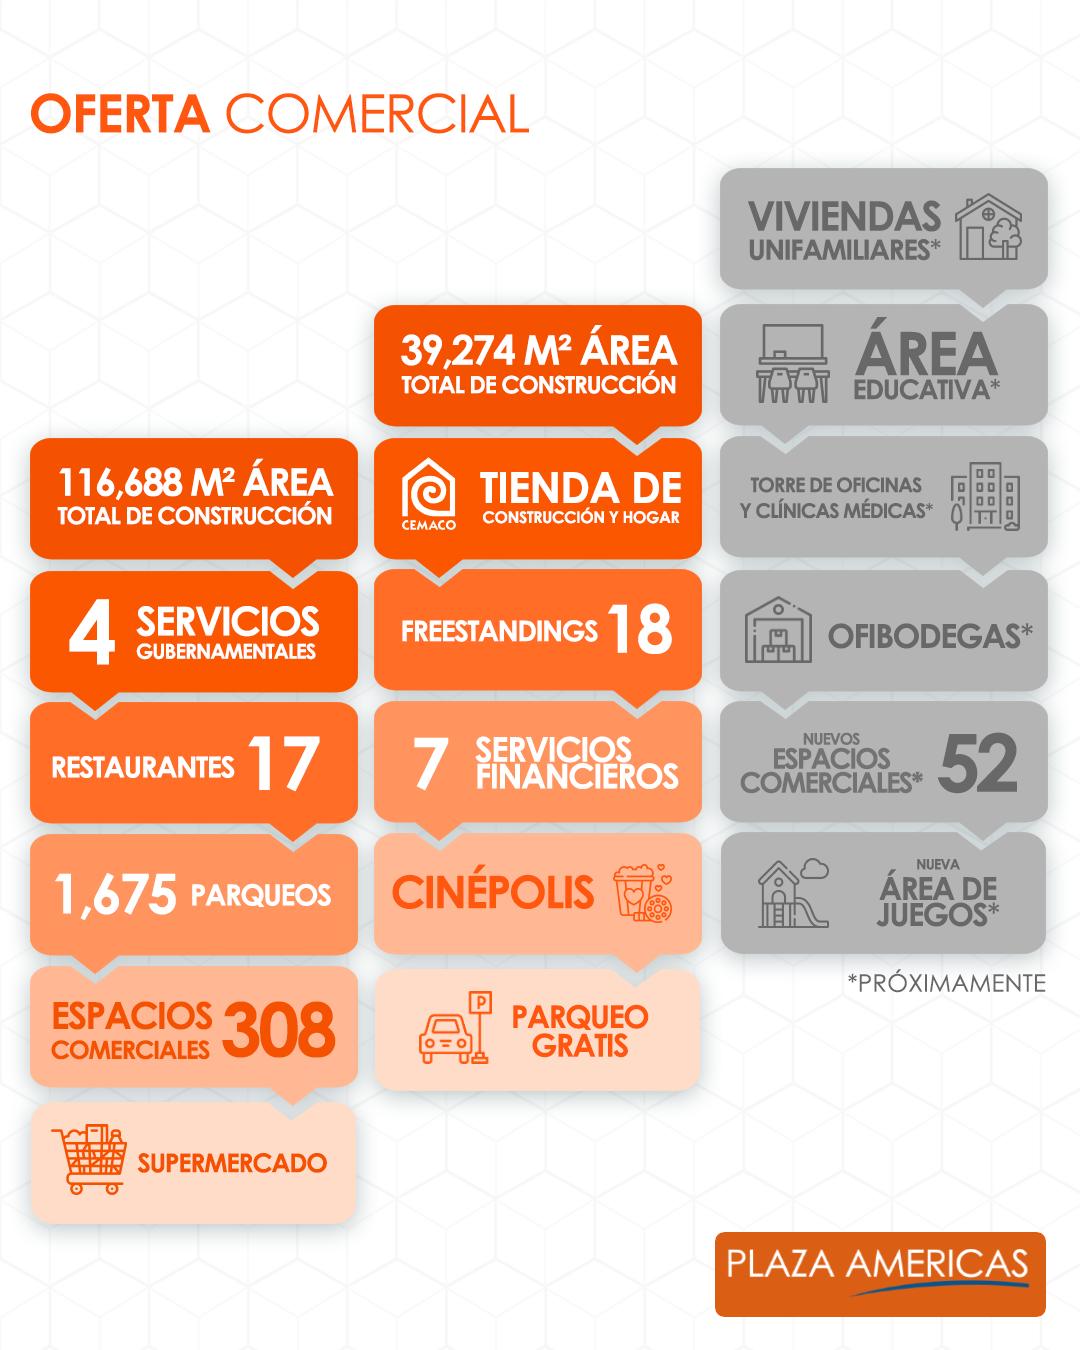 oferta comercial Plaza Américas